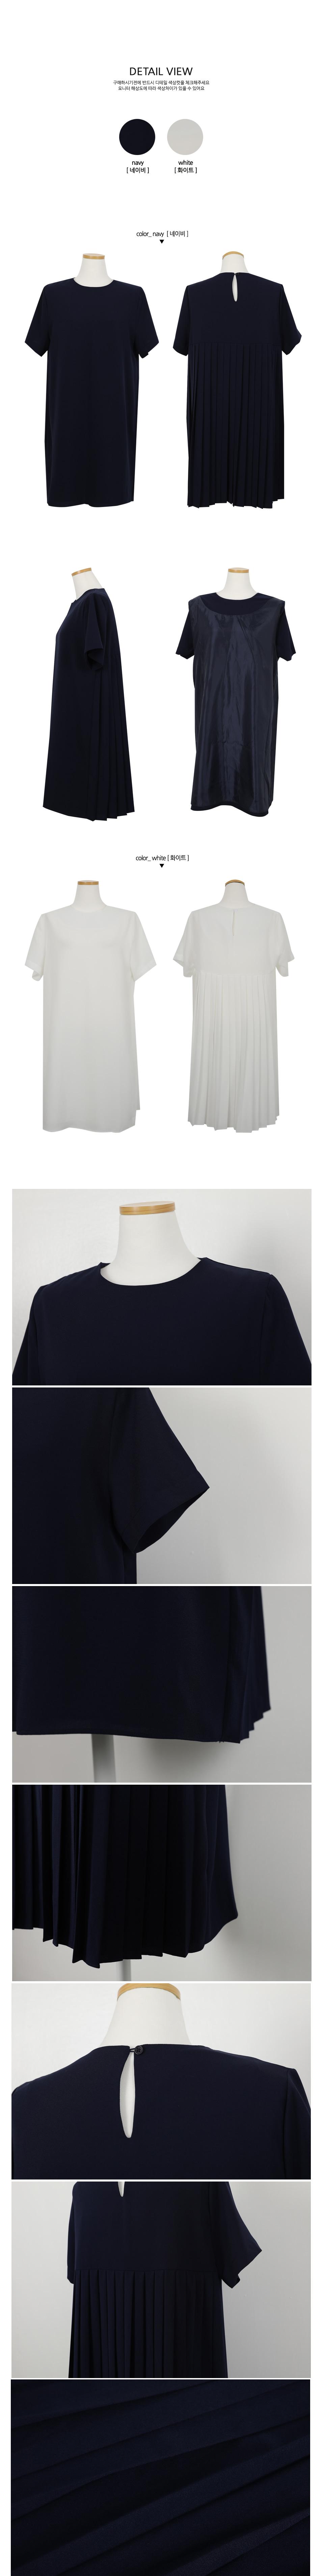 Accord Pleat Dress